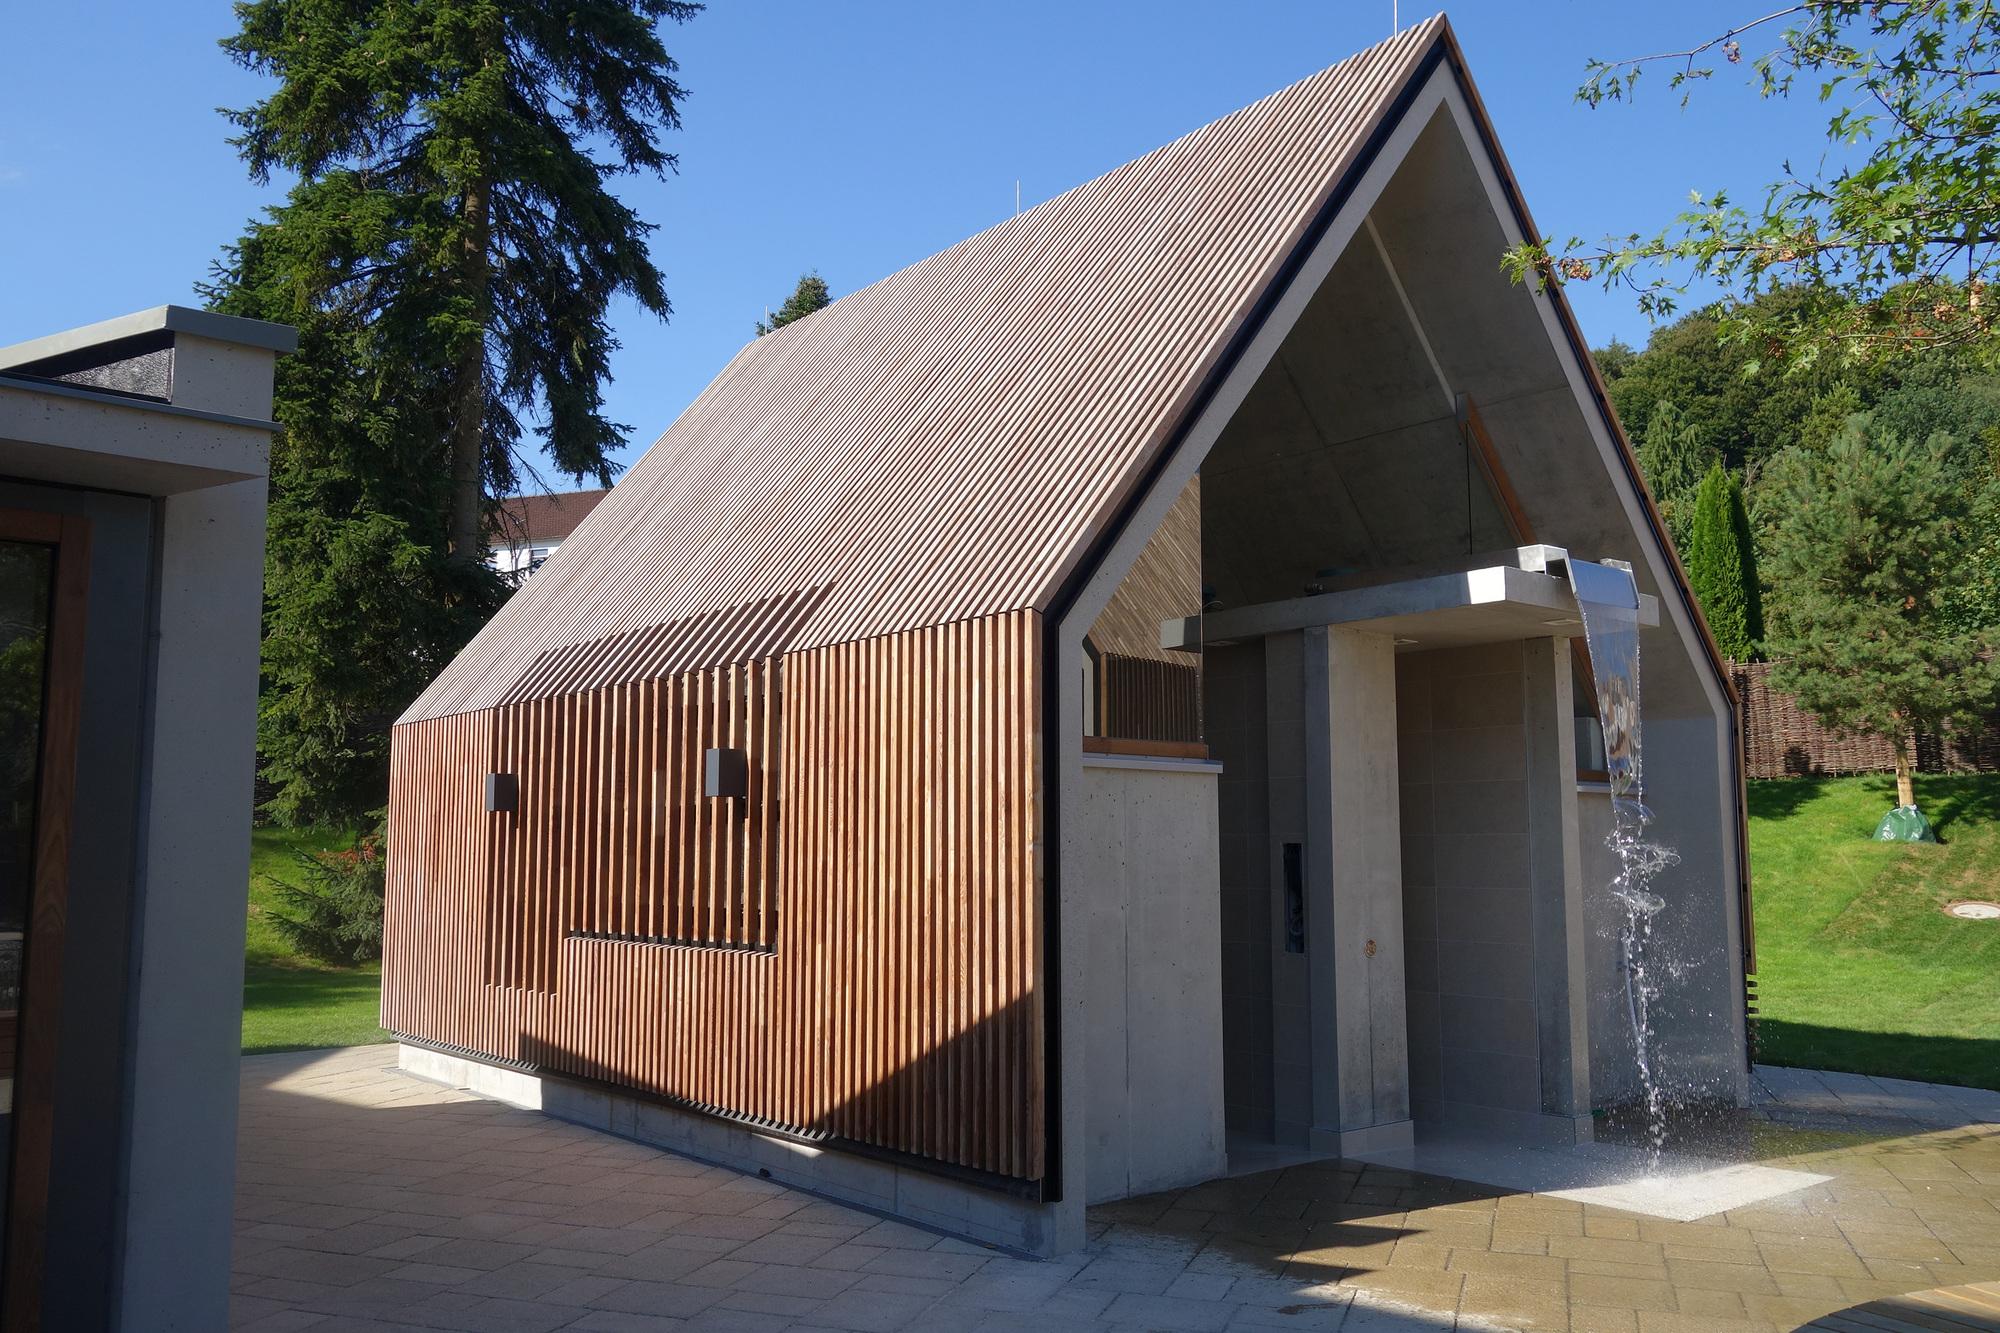 Gallery of jordanbad sauna village jeschke architektur planung 6 - Sauna architektur ...